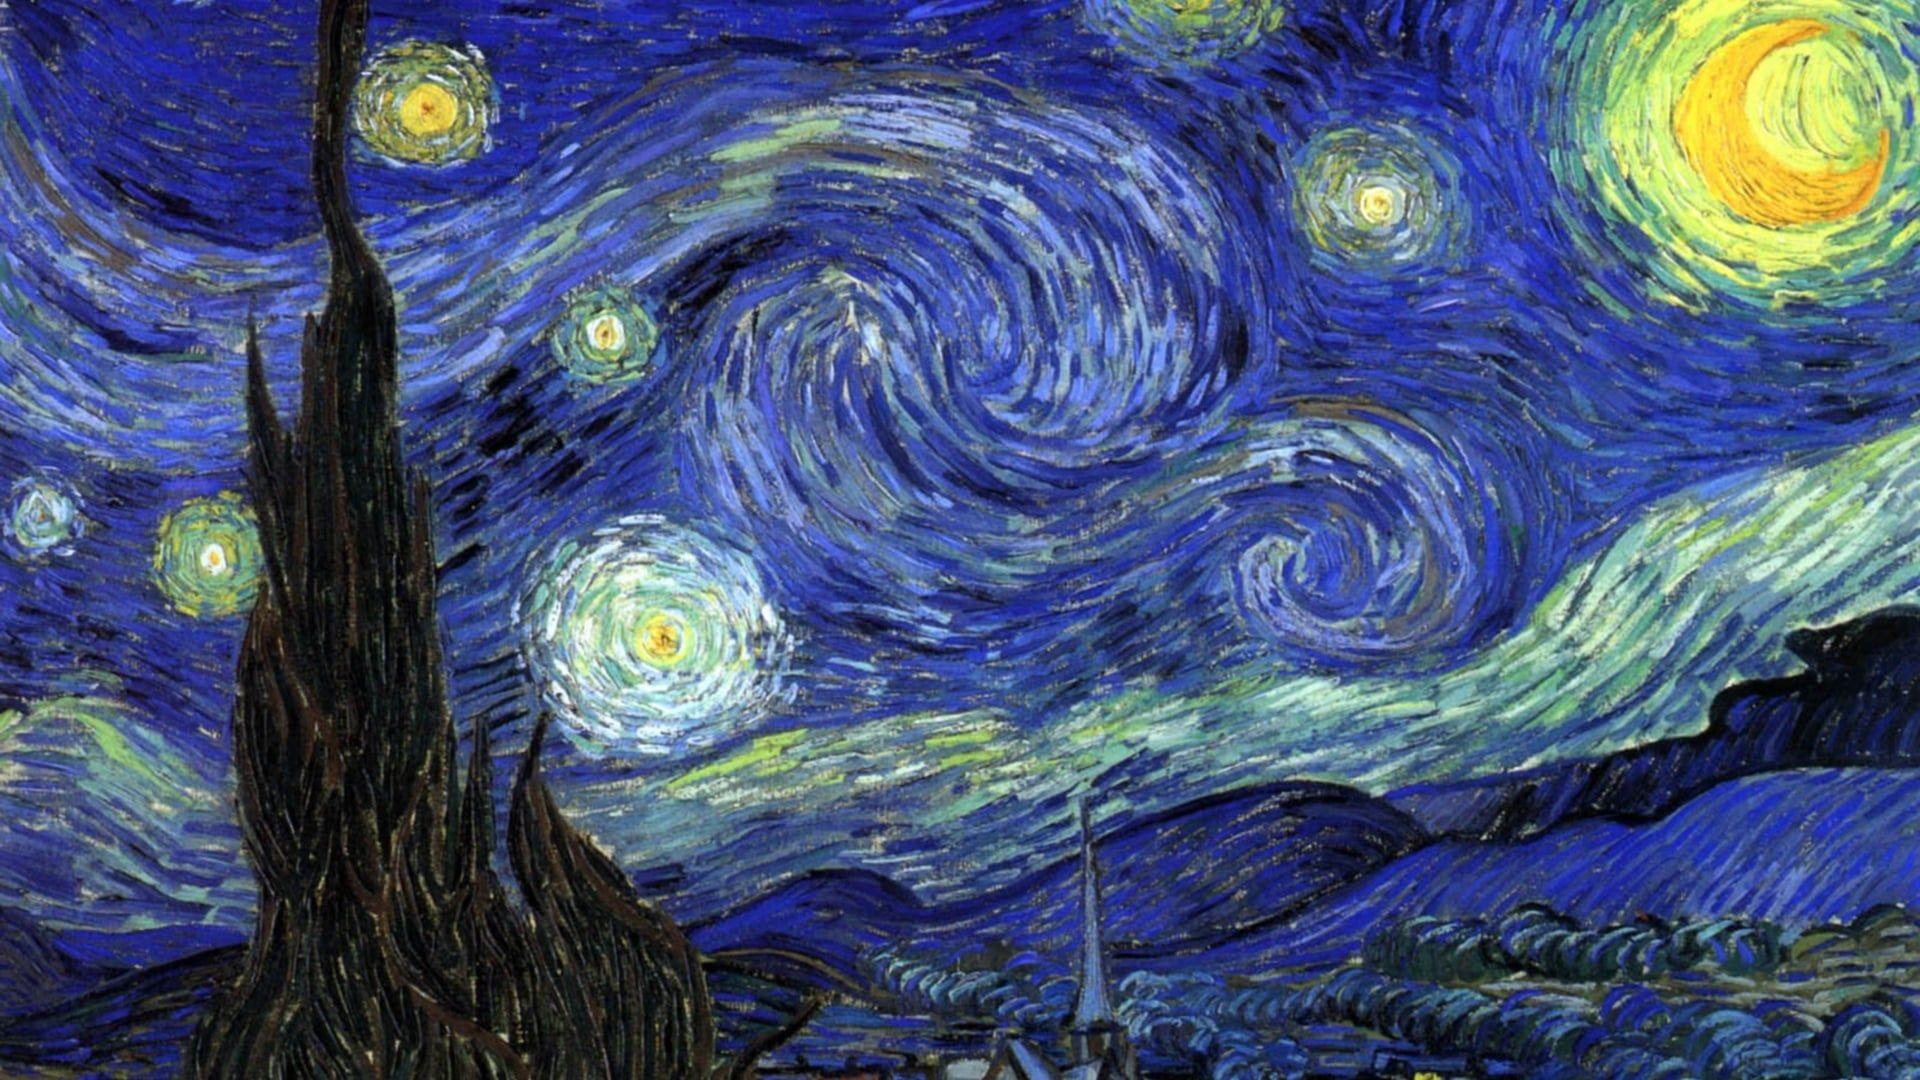 Van Gogh Brush With Genius